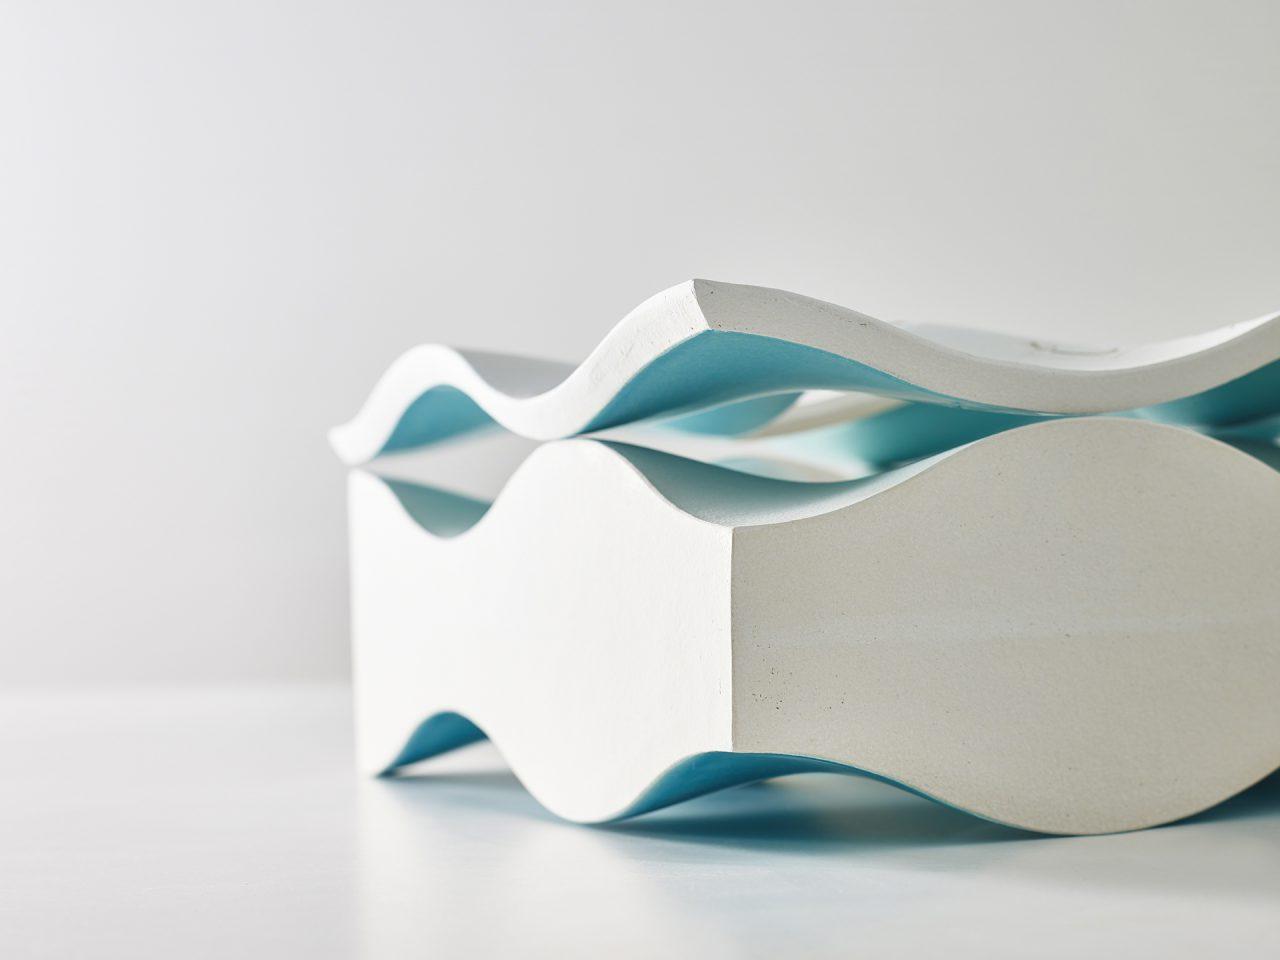 Kyra Spieker, Keramik, Glas, Frechen, Ausstellung, Kunst, Abstrakt, Produktfotografie, AR, Articus & Röttgen, Blau, Helge Articus, Fotografie